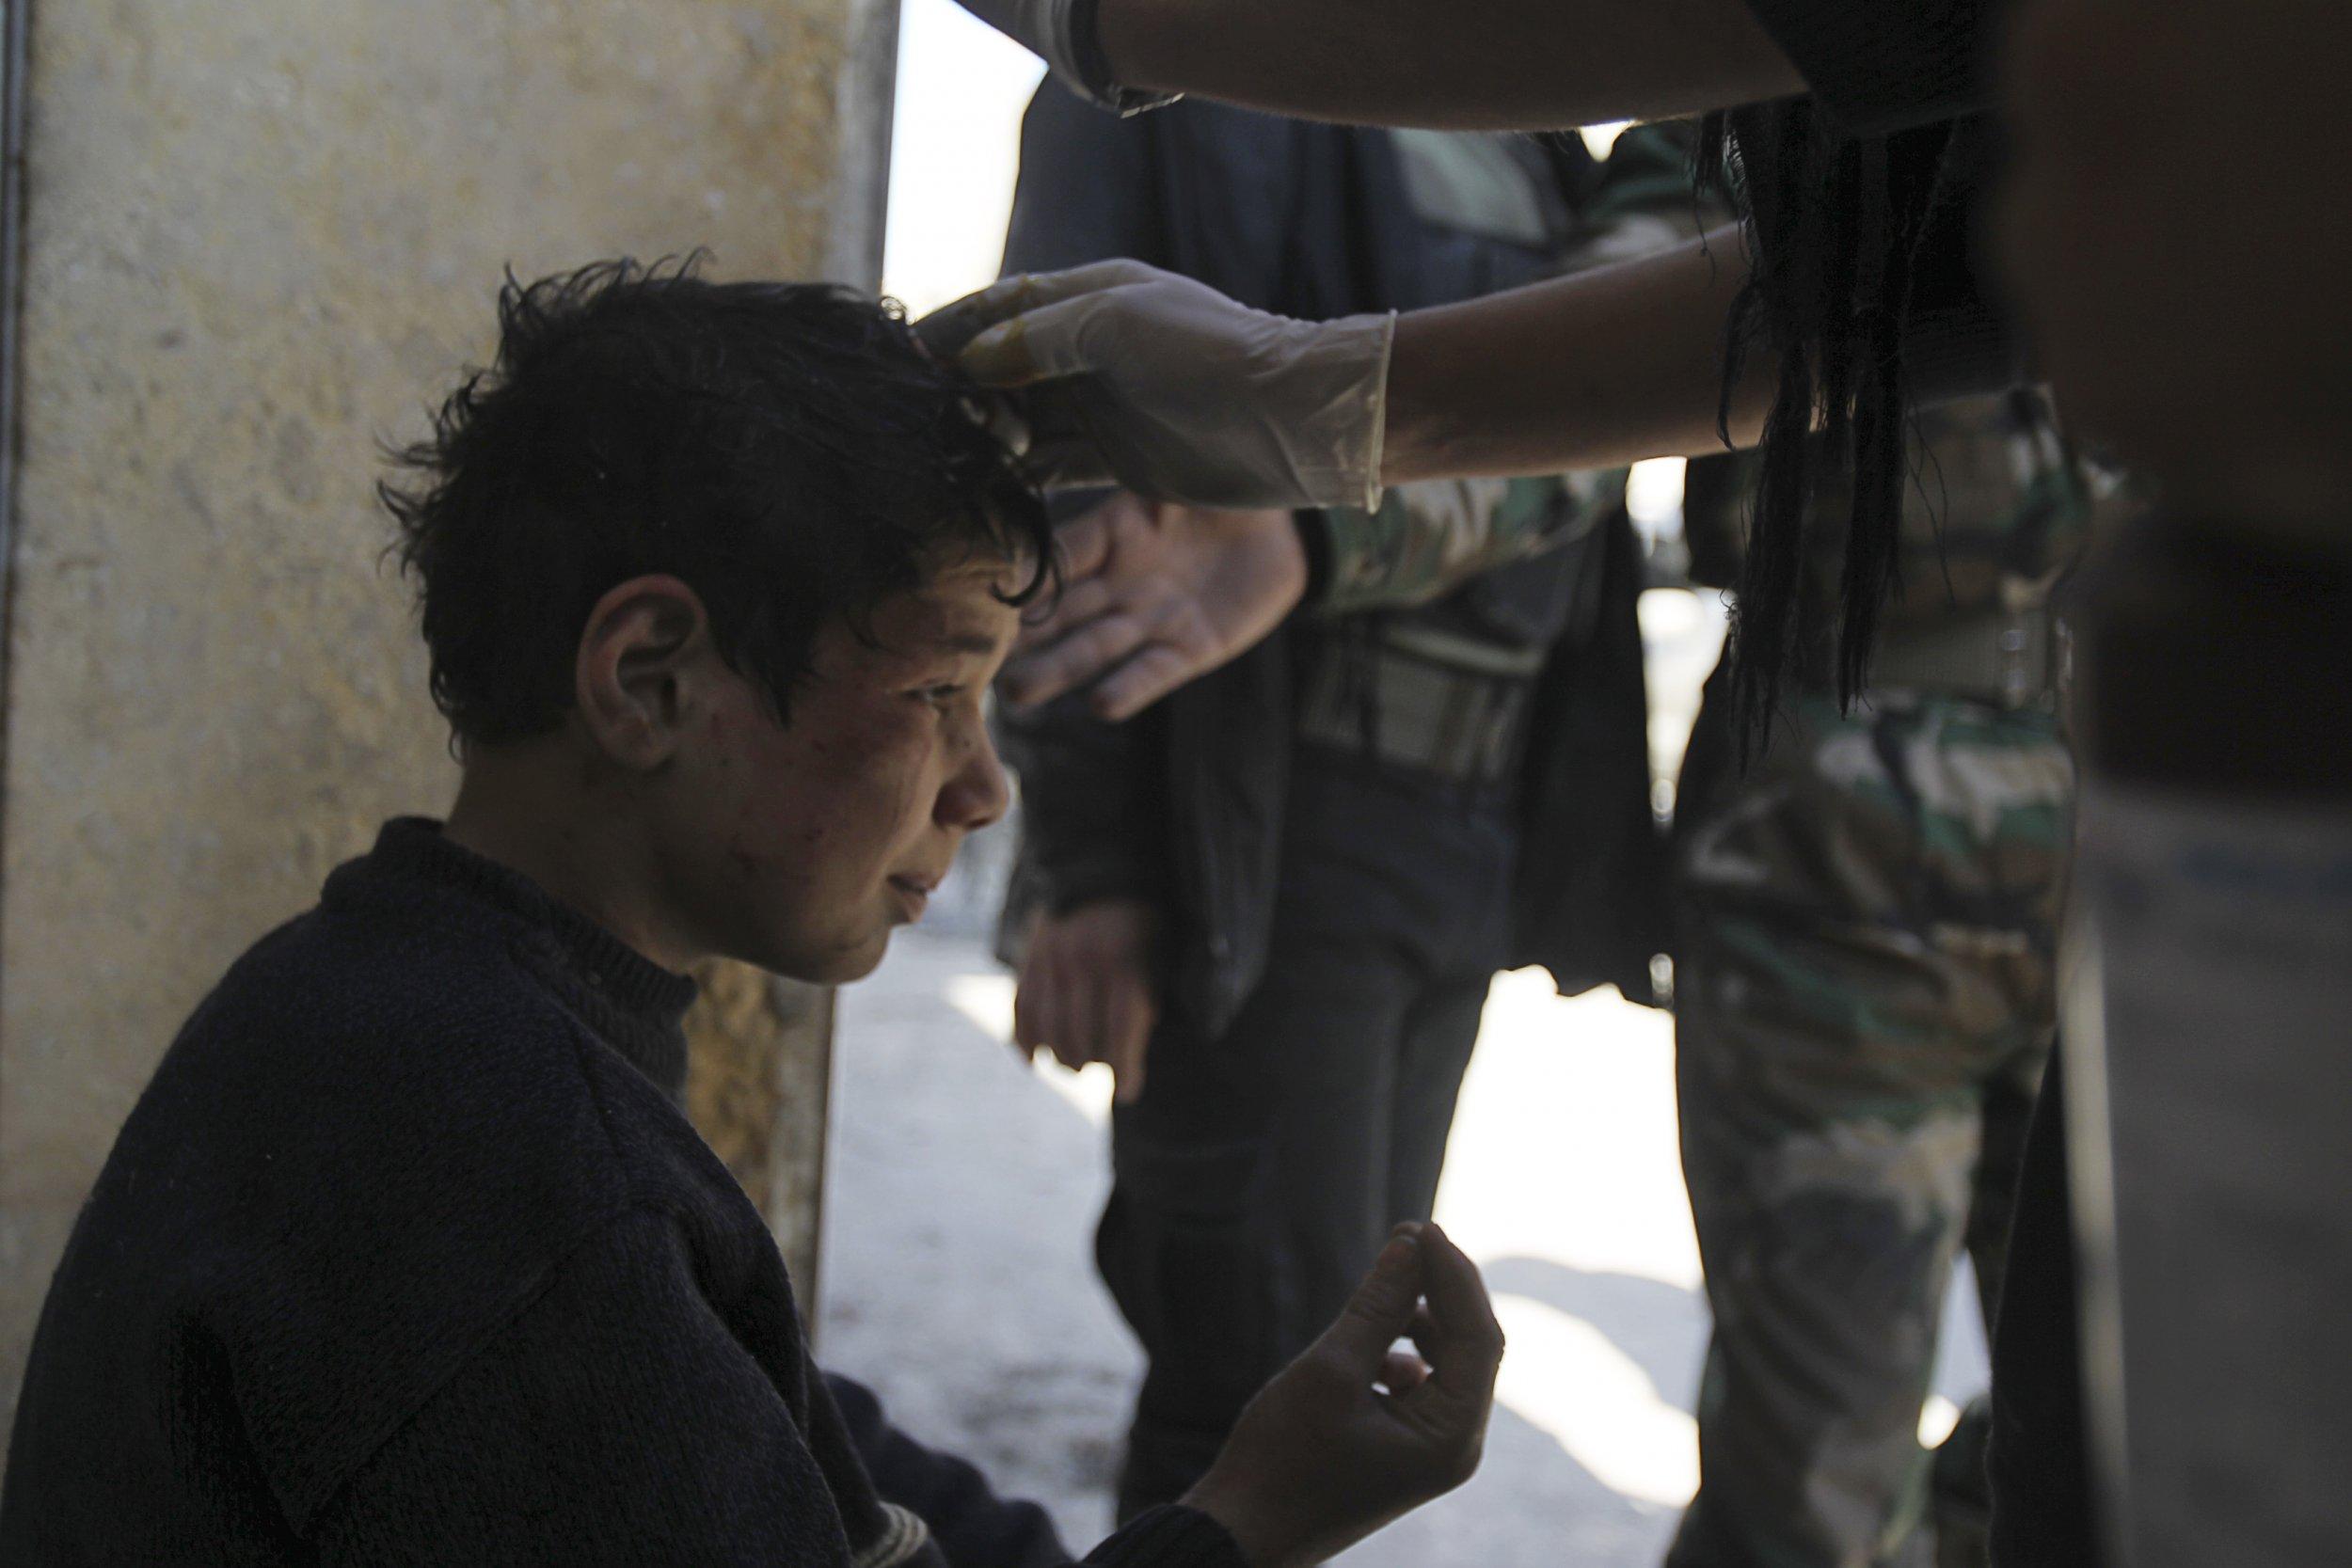 06_26_Assad_Barrel_01